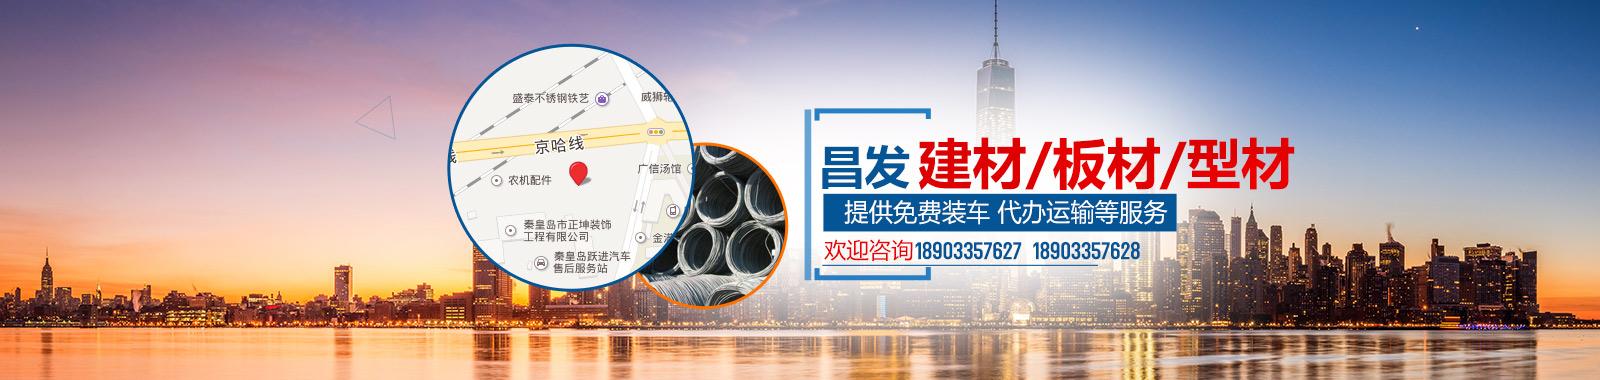 秦皇島市鑫星經貿有限公司